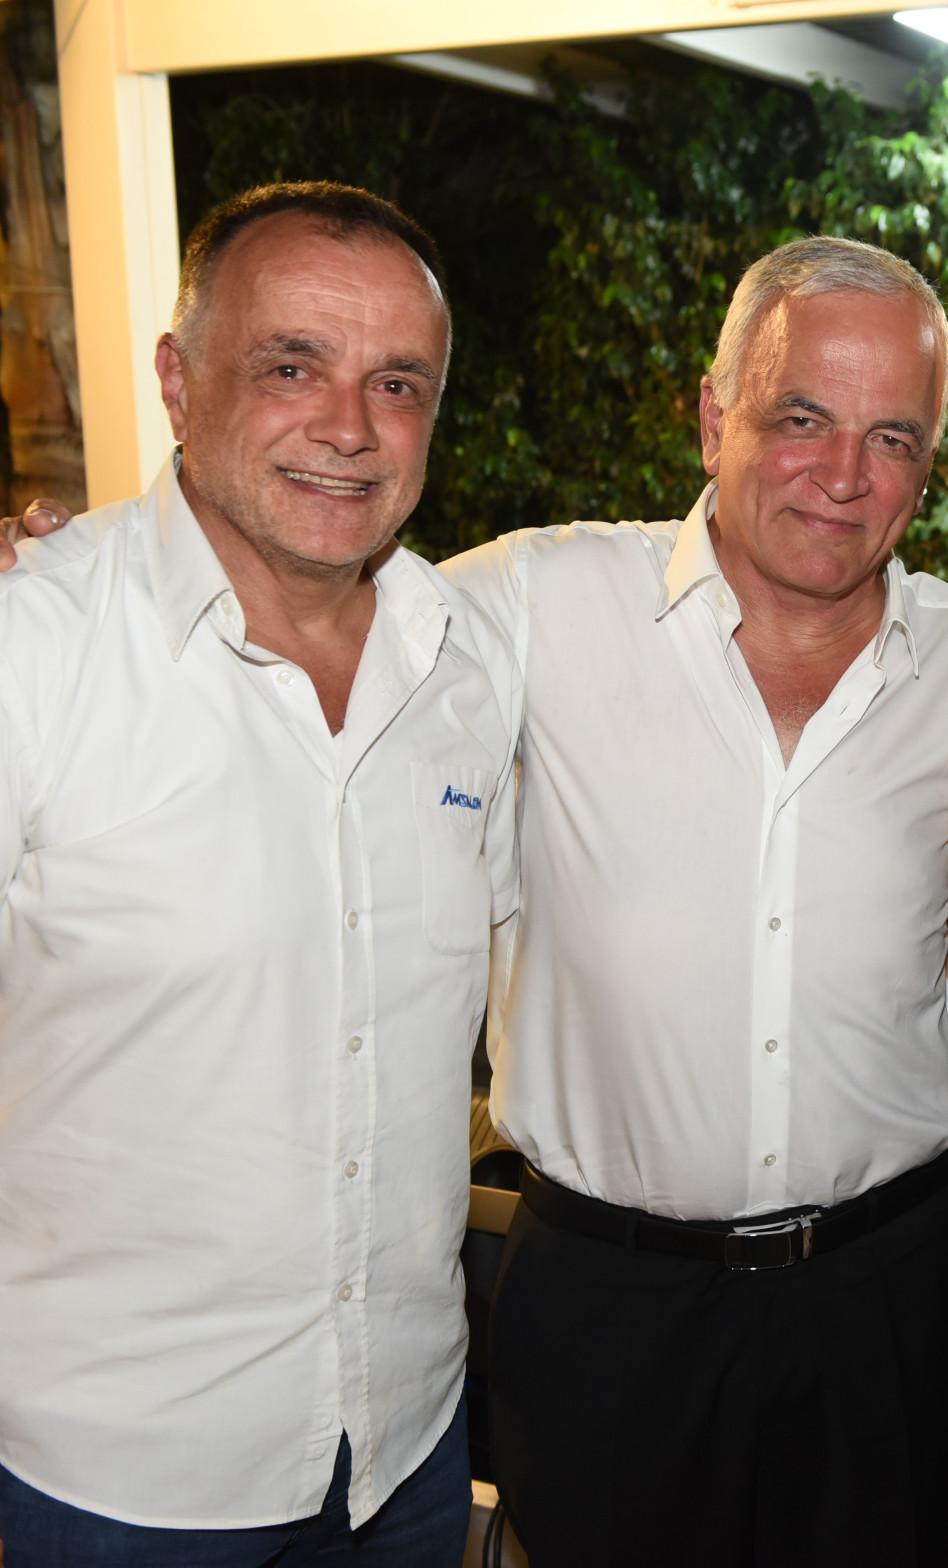 יעקב אמסלם ומשמאל אליעזר אמסלם (צילום: אופיר נחמני)